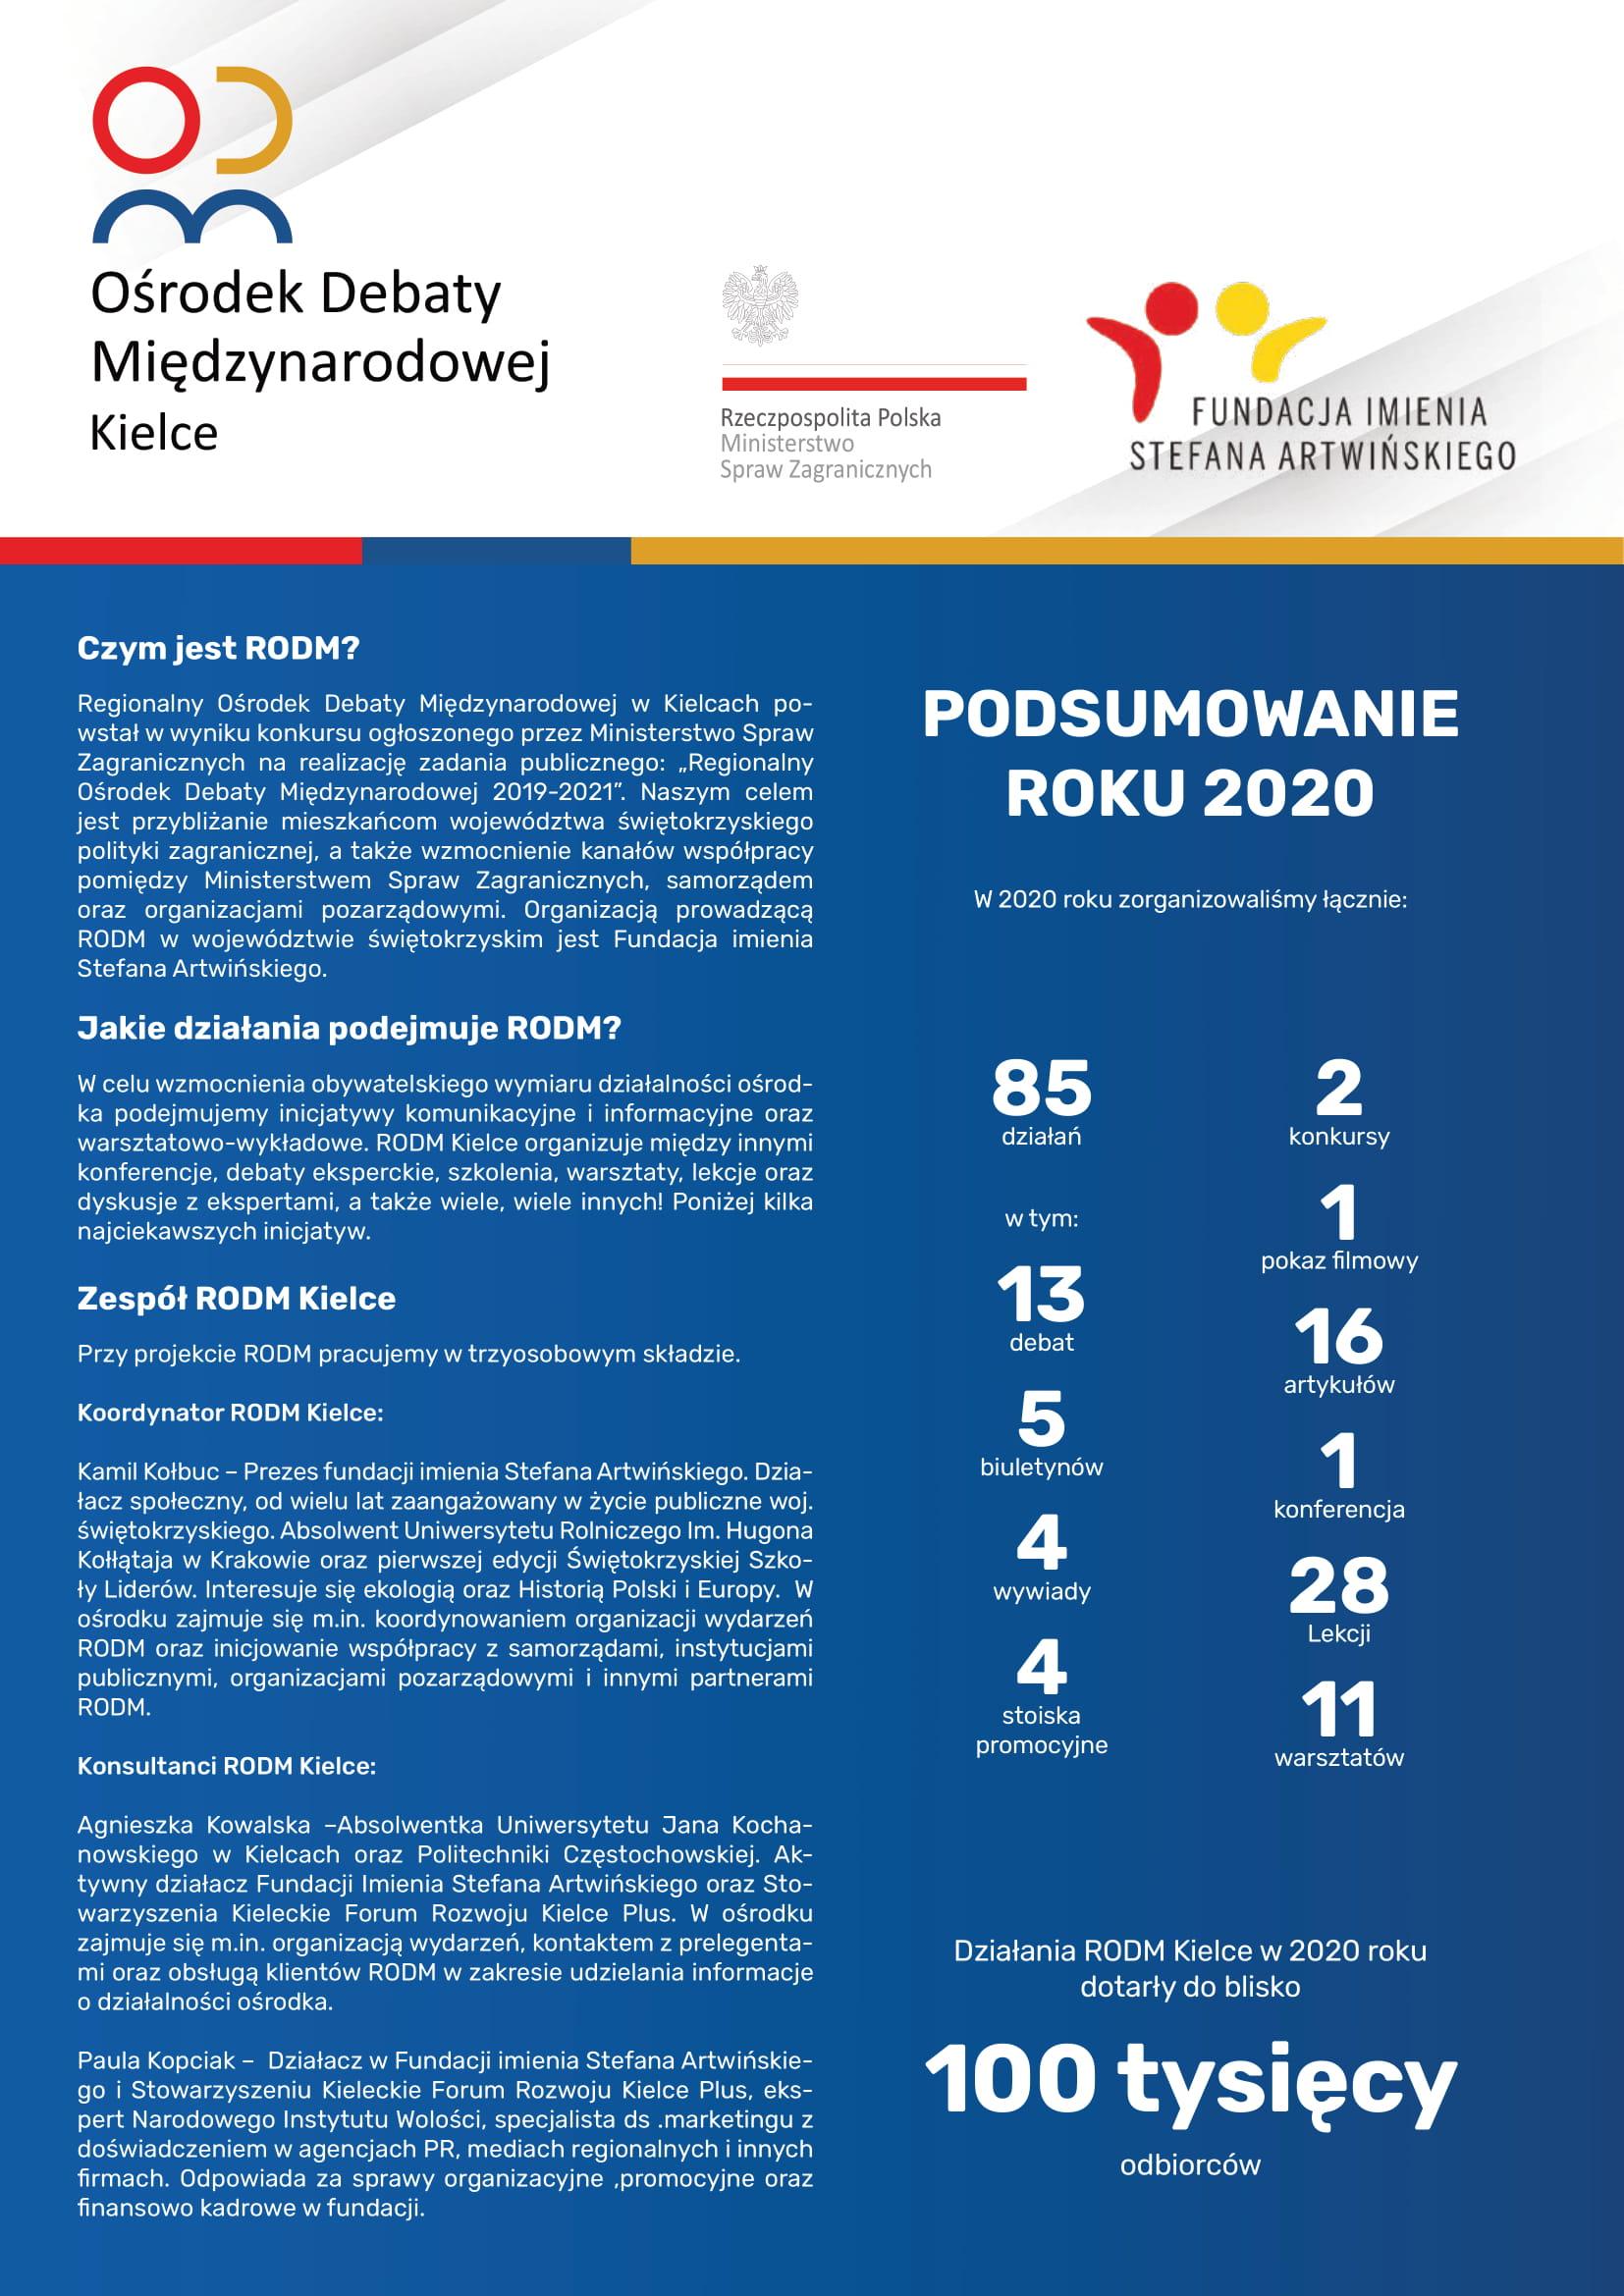 Podsumowanie działalności RODM 2020